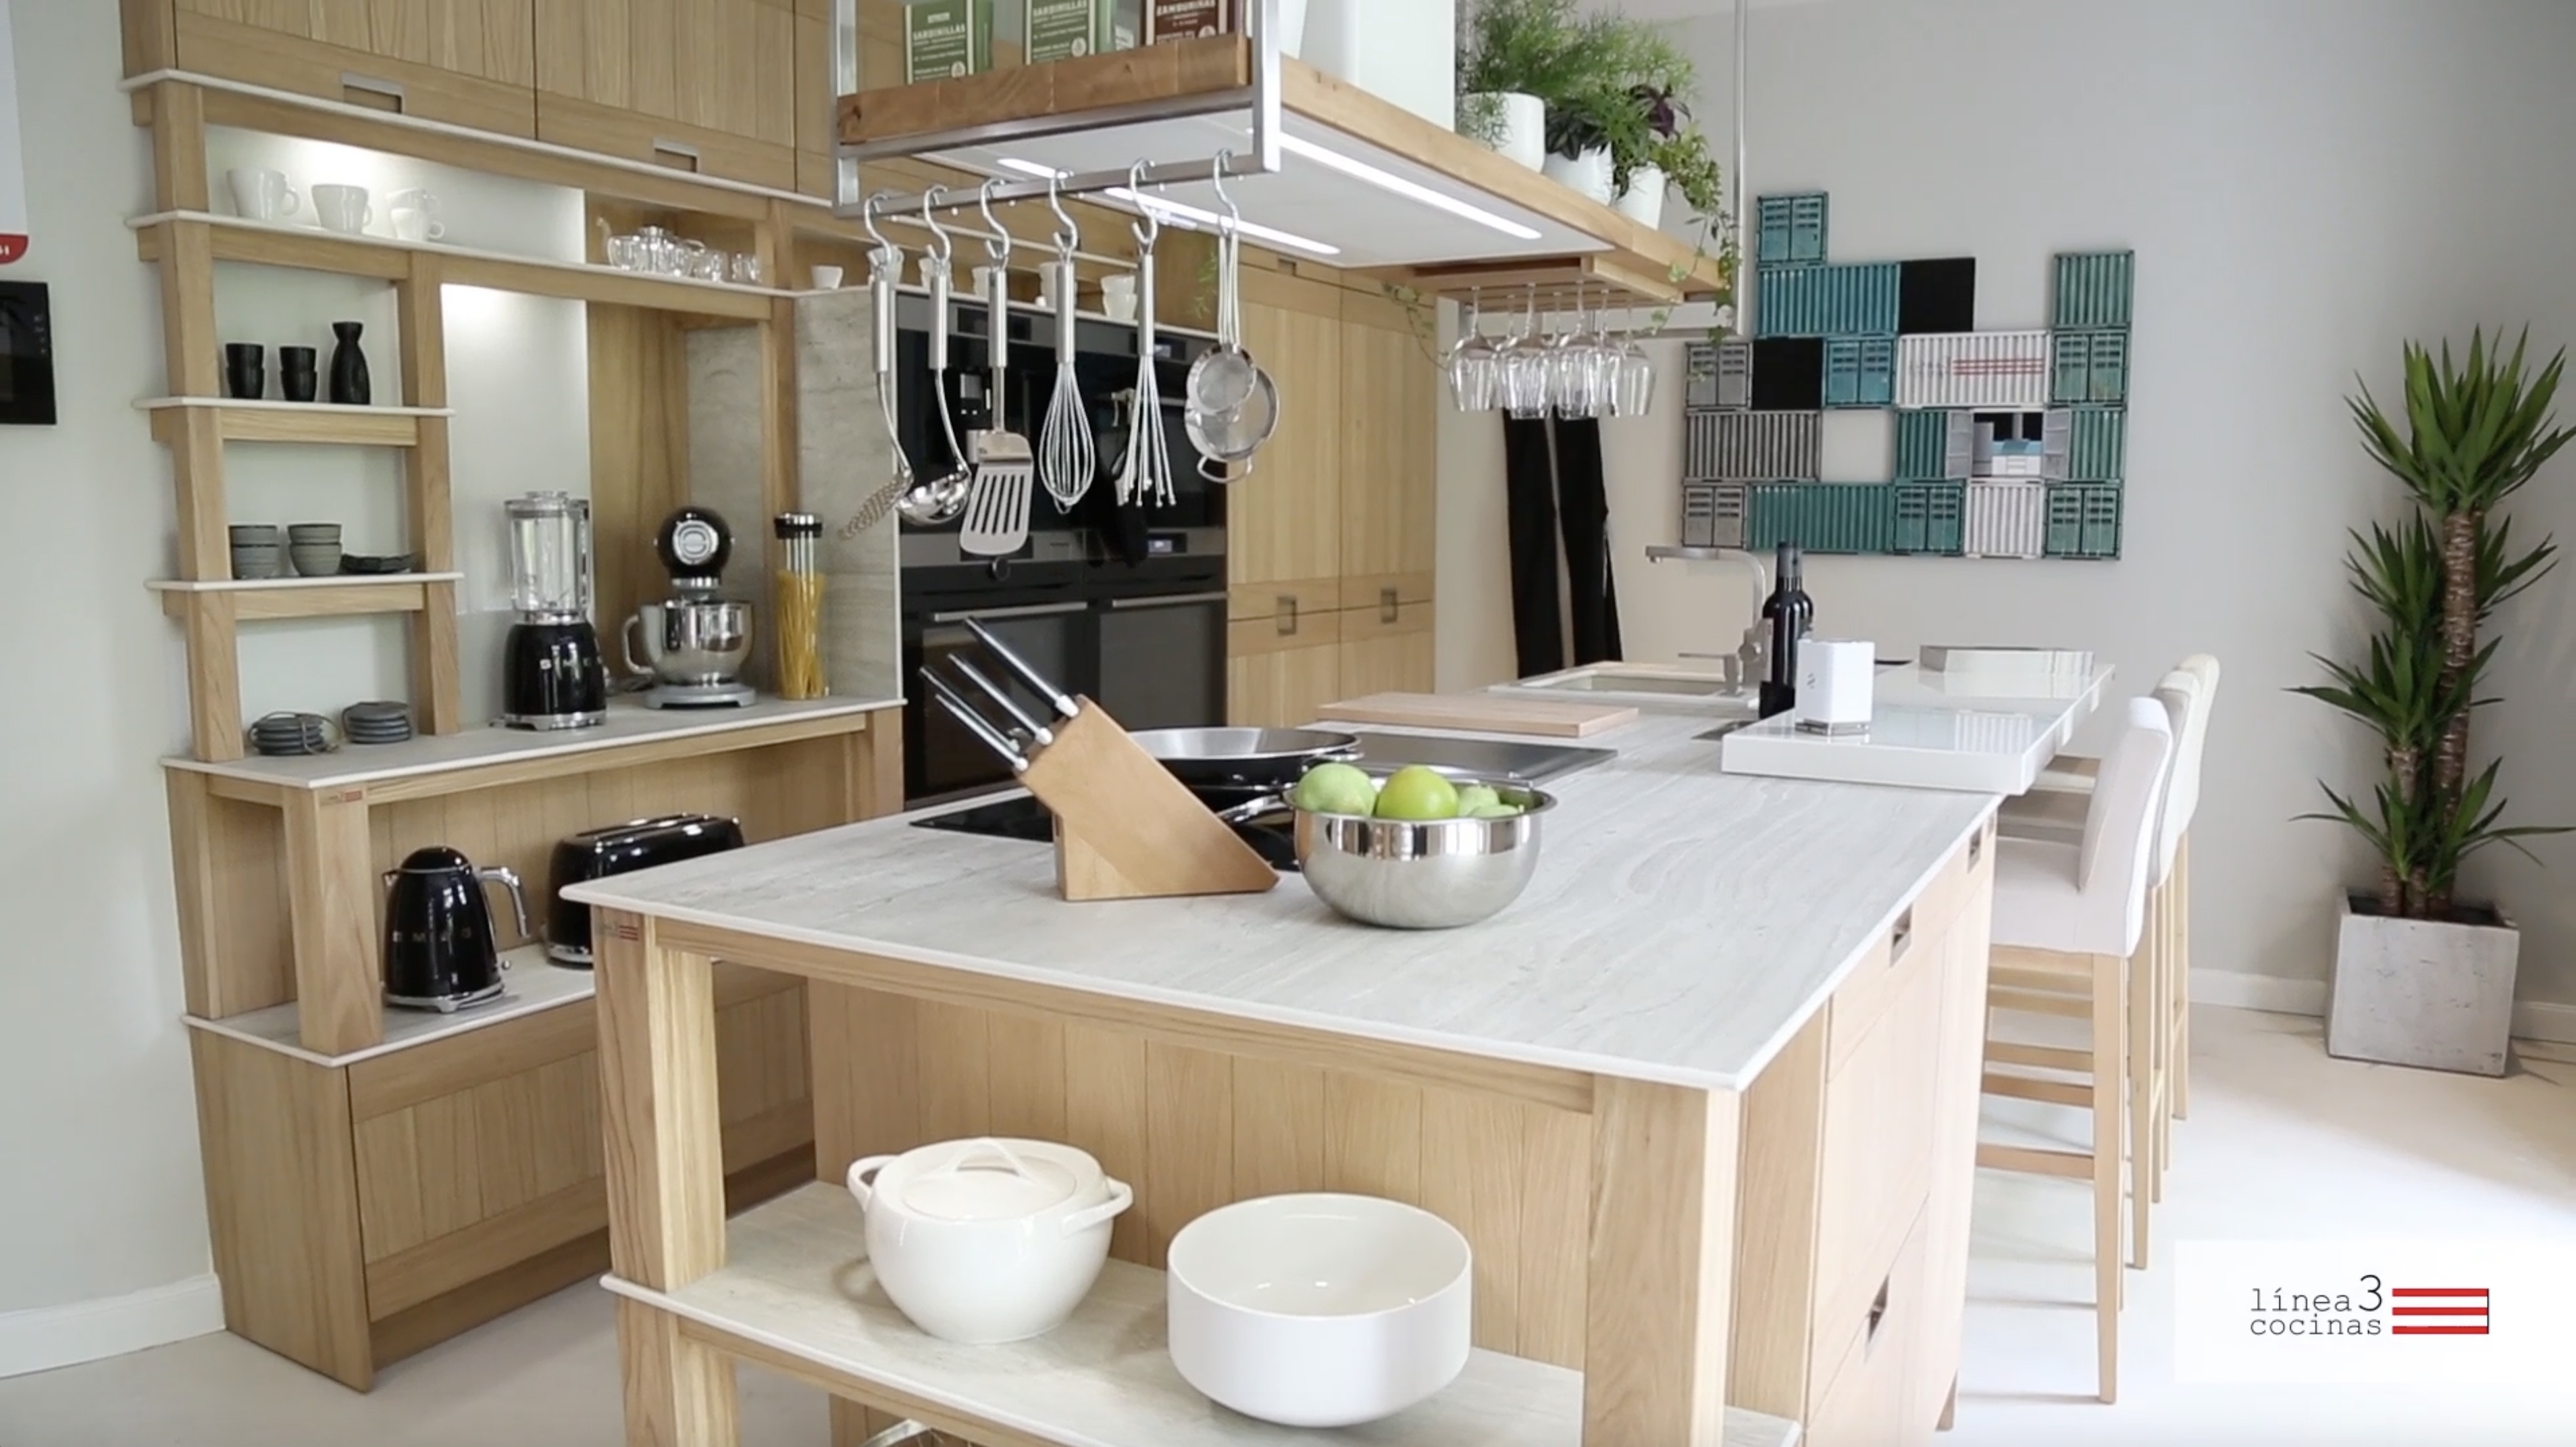 FERIAS DE COCINA- Blogs de Línea 3 Cocinas, Diseño de cocinas ...